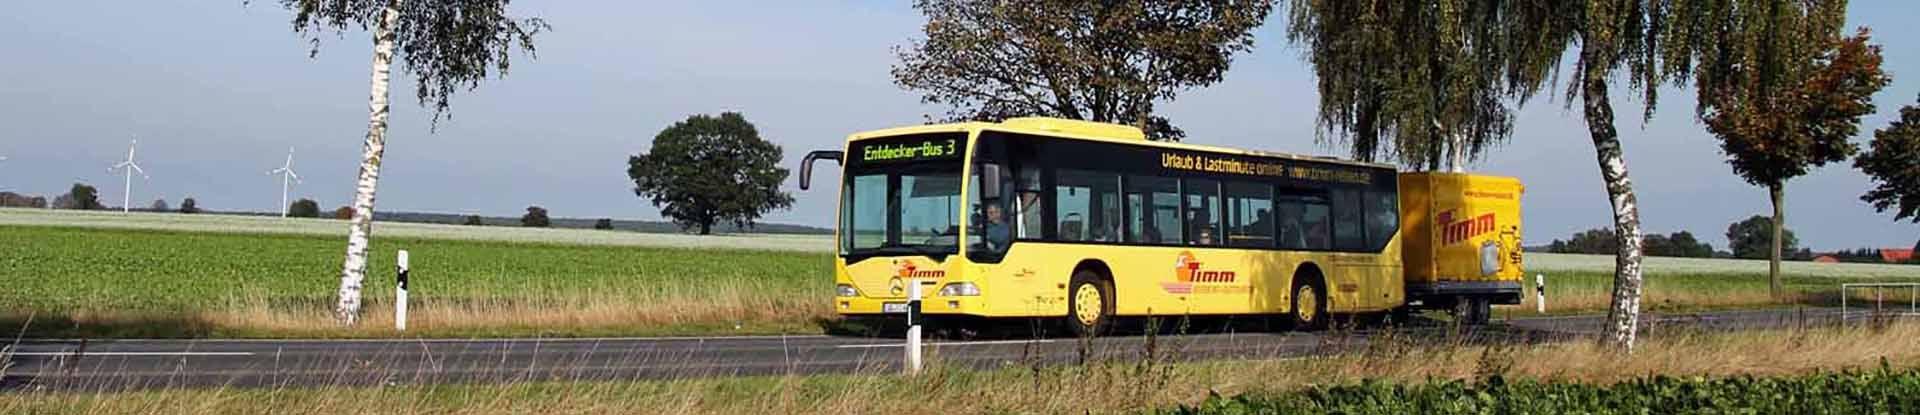 Mit dem Entdeckerbus die Region erkunden (c)HeideRegion Uelzen e.V.